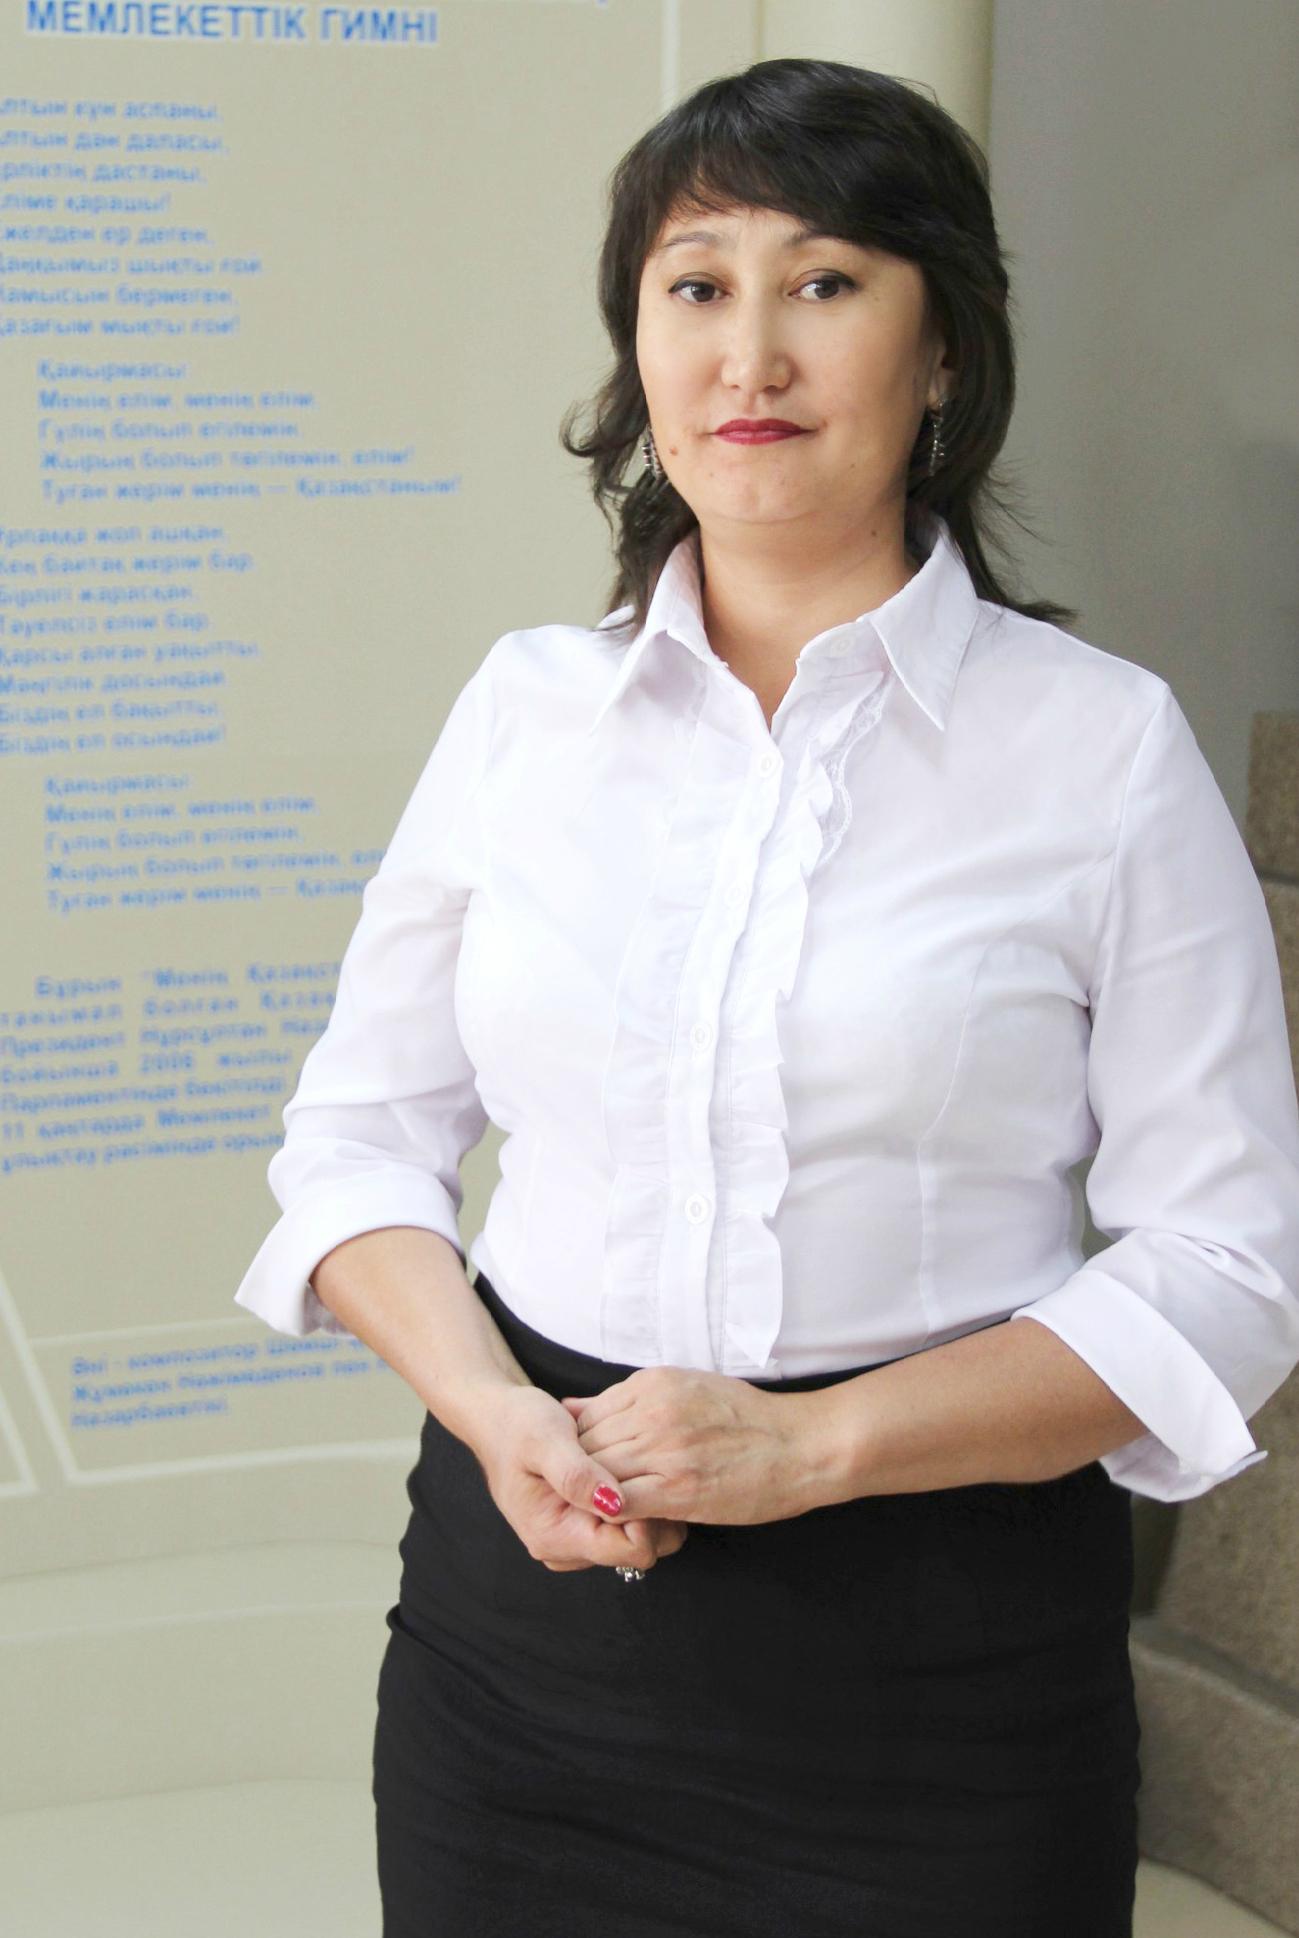 Шималова Алмагул Социаловна